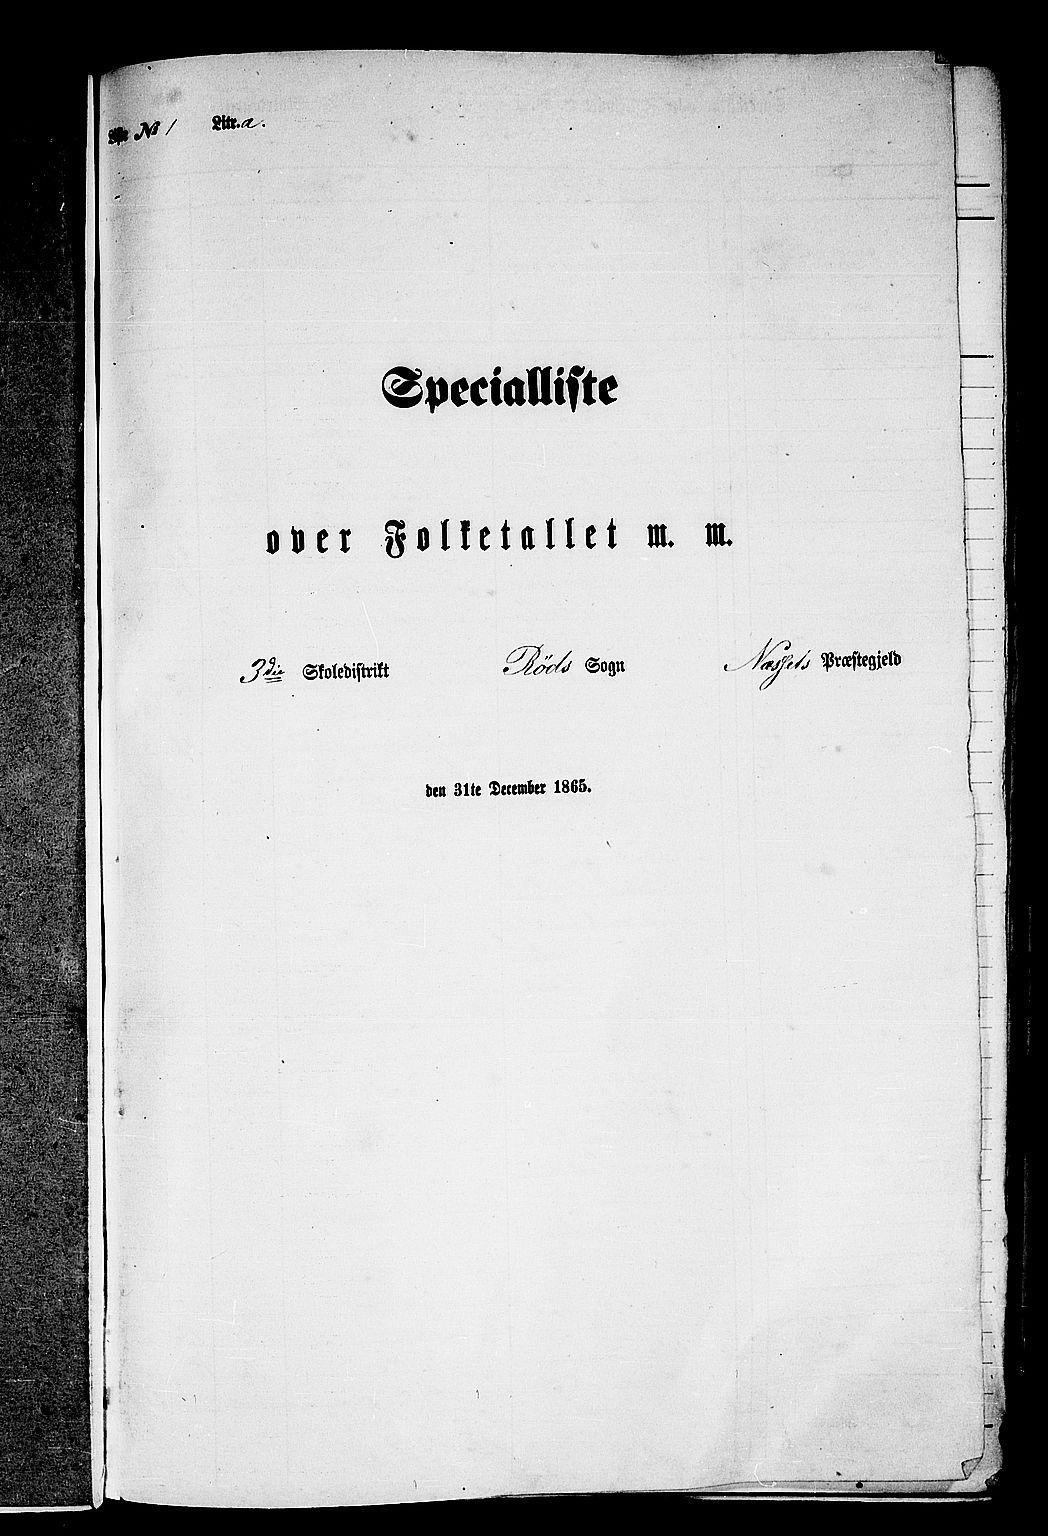 RA, Folketelling 1865 for 1543P Nesset prestegjeld, 1865, s. 11